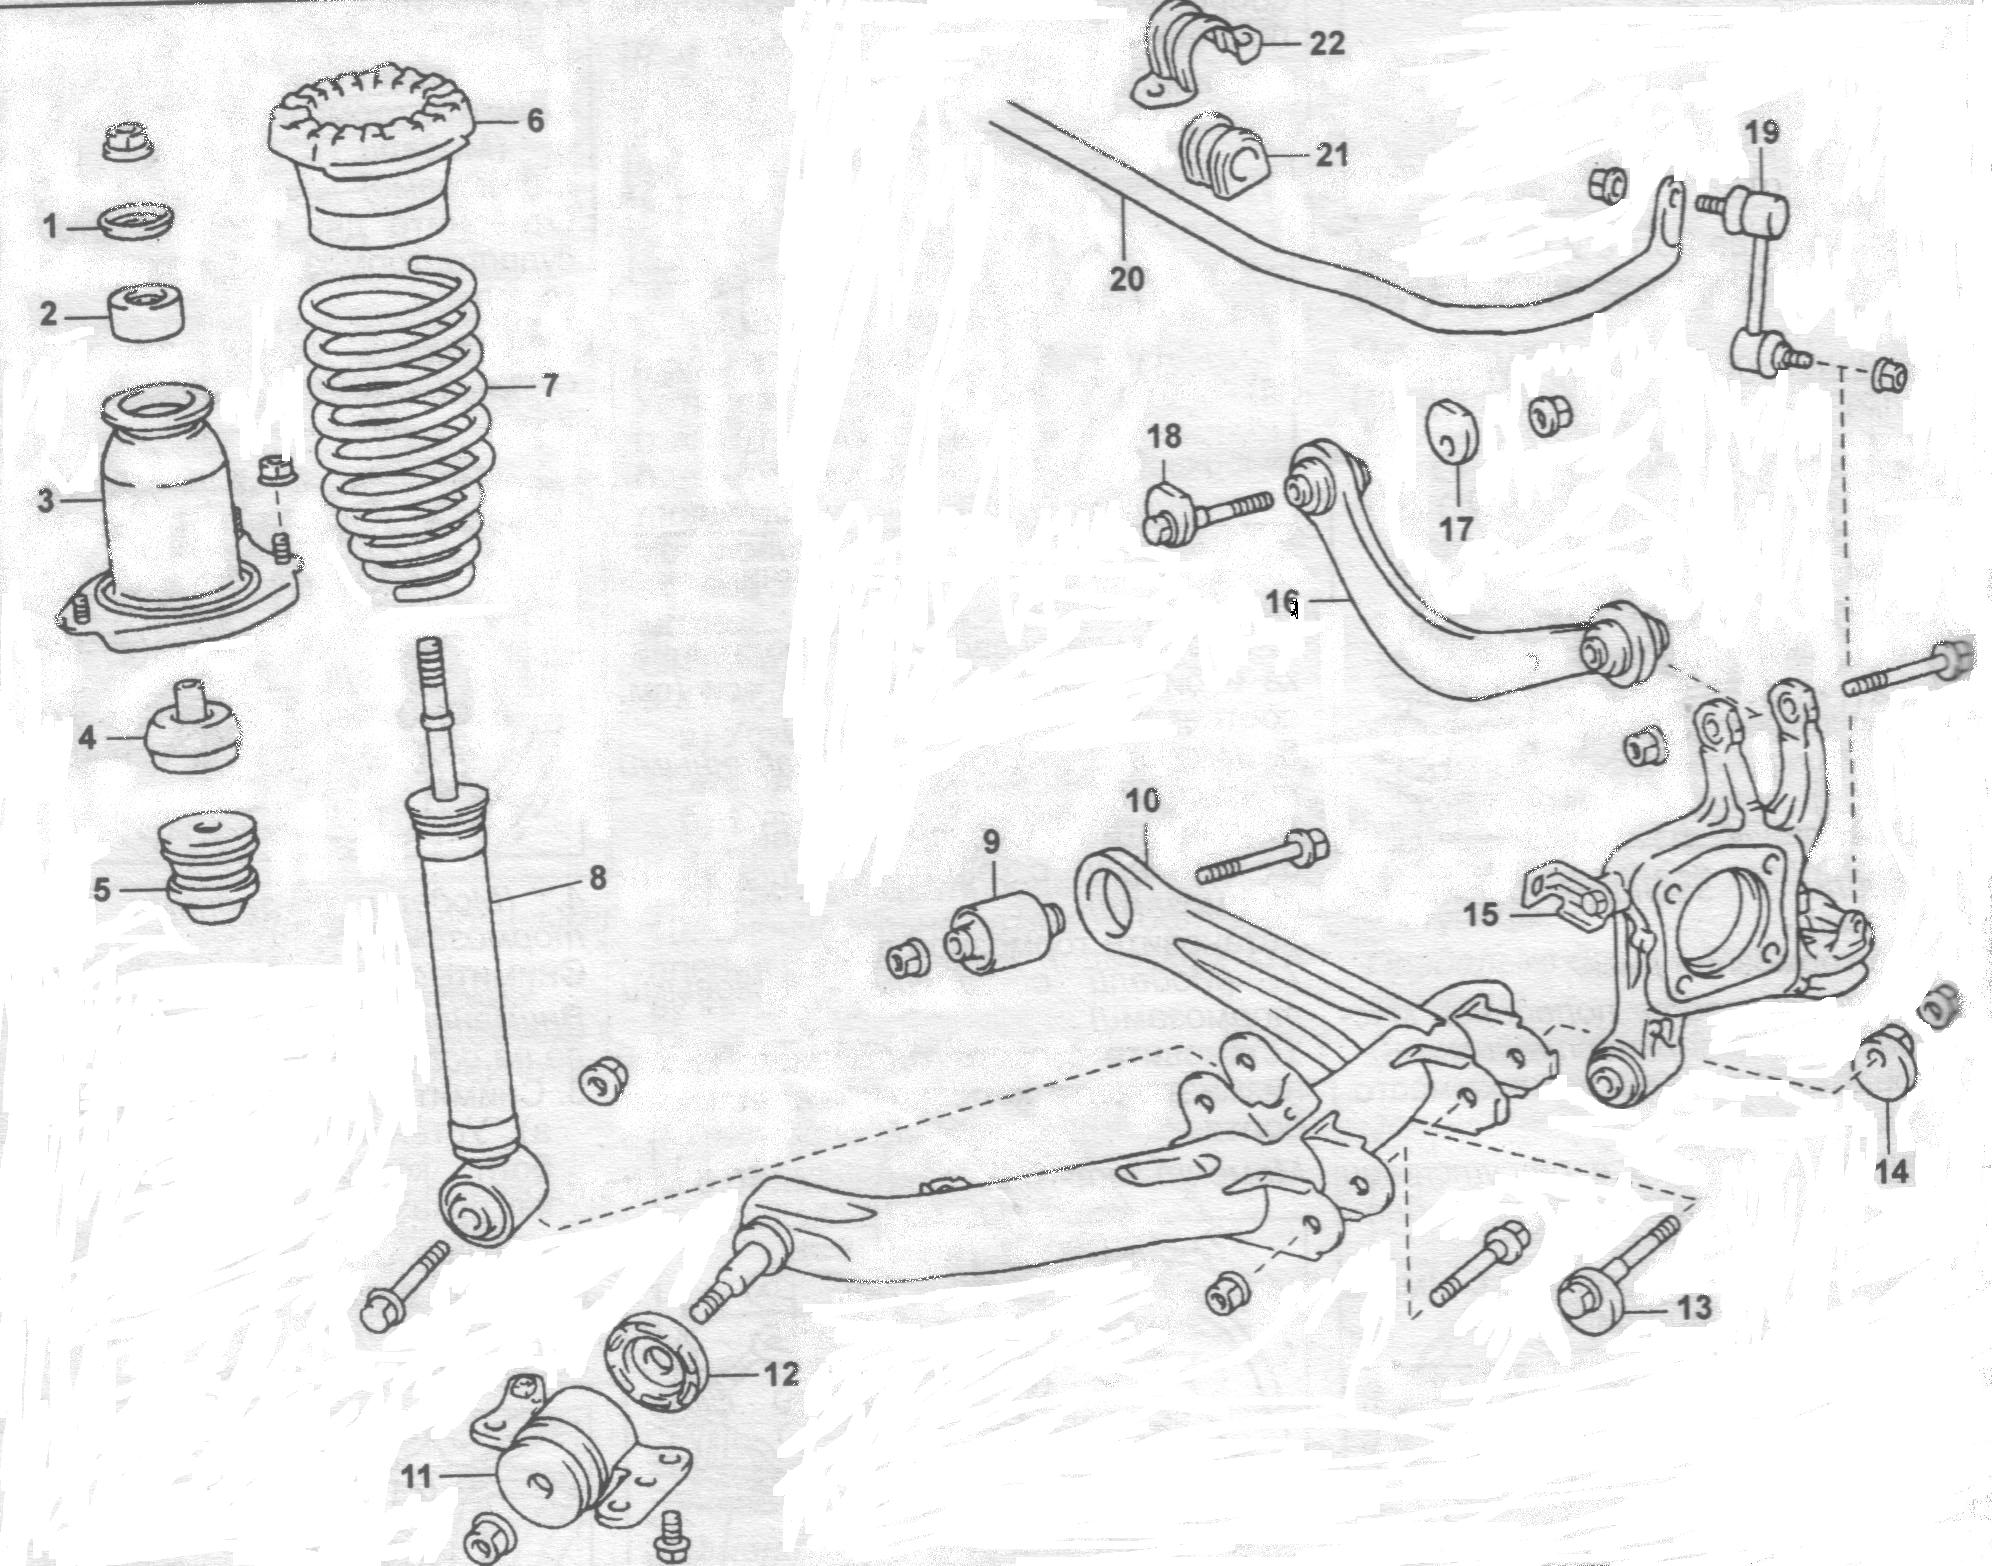 Подвеска Тойота Королла: как поднять и усилелить заднюю и переднюю части 22